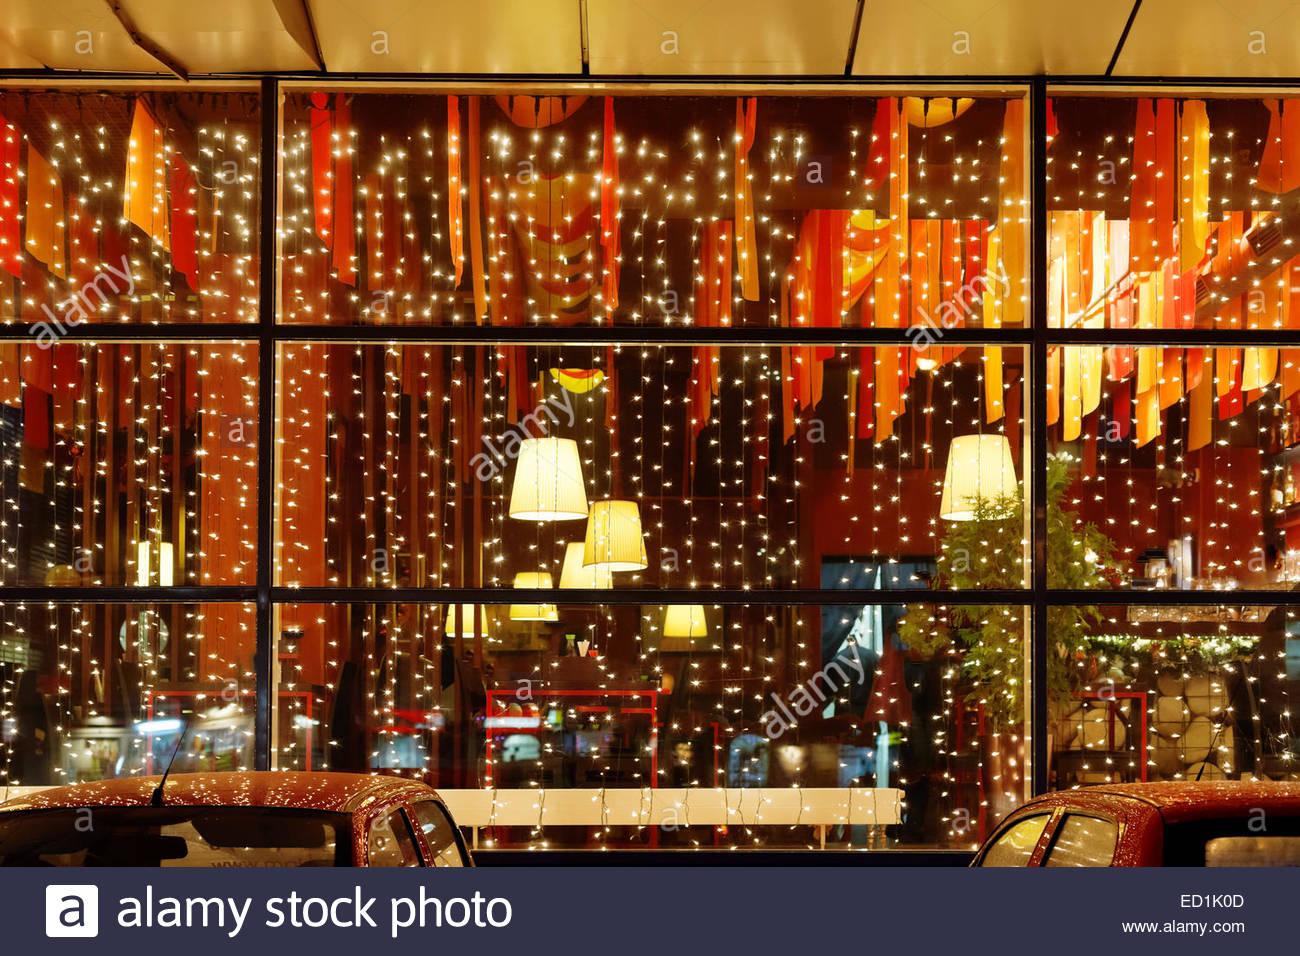 Full Size of Weihnachtsbeleuchtung Fenster Restaurant In Der Nacht Stockfoto Winkhaus Jalousie Gardinen Einbruchschutz Nachrüsten Veka Konfigurieren Schüko Kaufen Polen Fenster Weihnachtsbeleuchtung Fenster